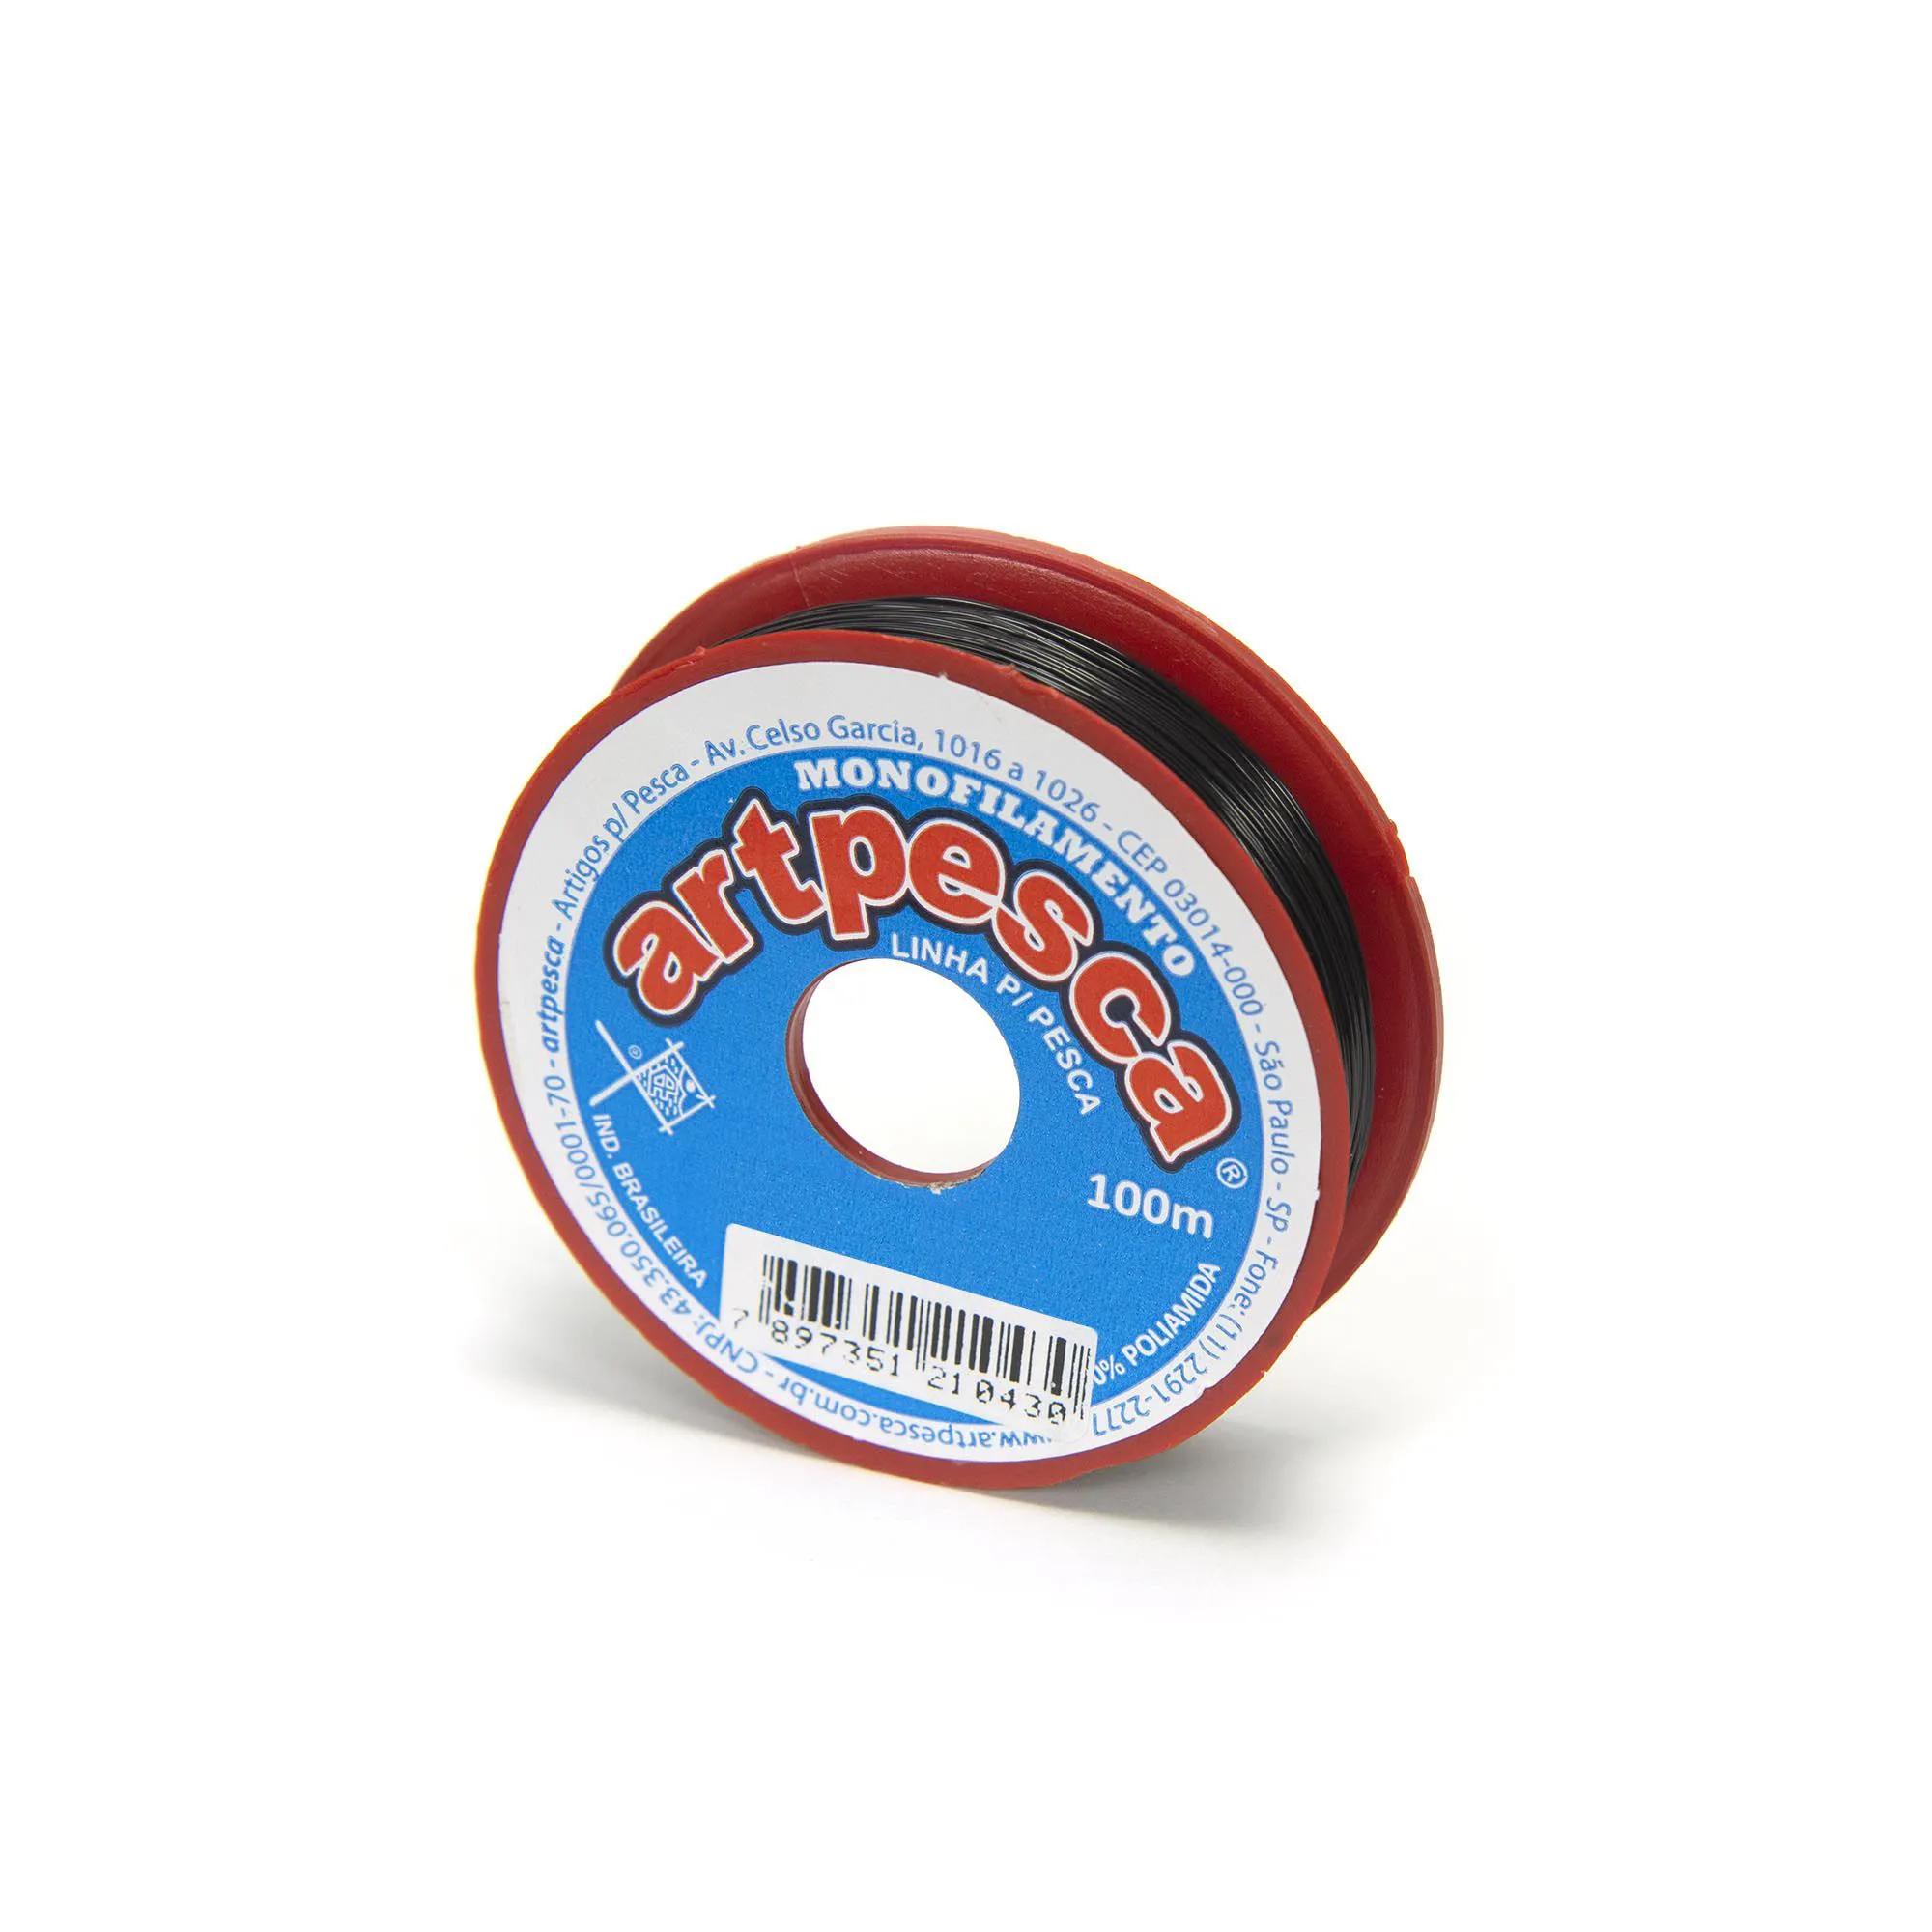 Linha de Nylon Artpesca Preta 0,25mm Pacote com 1 unidades de 100m  - Artpesca